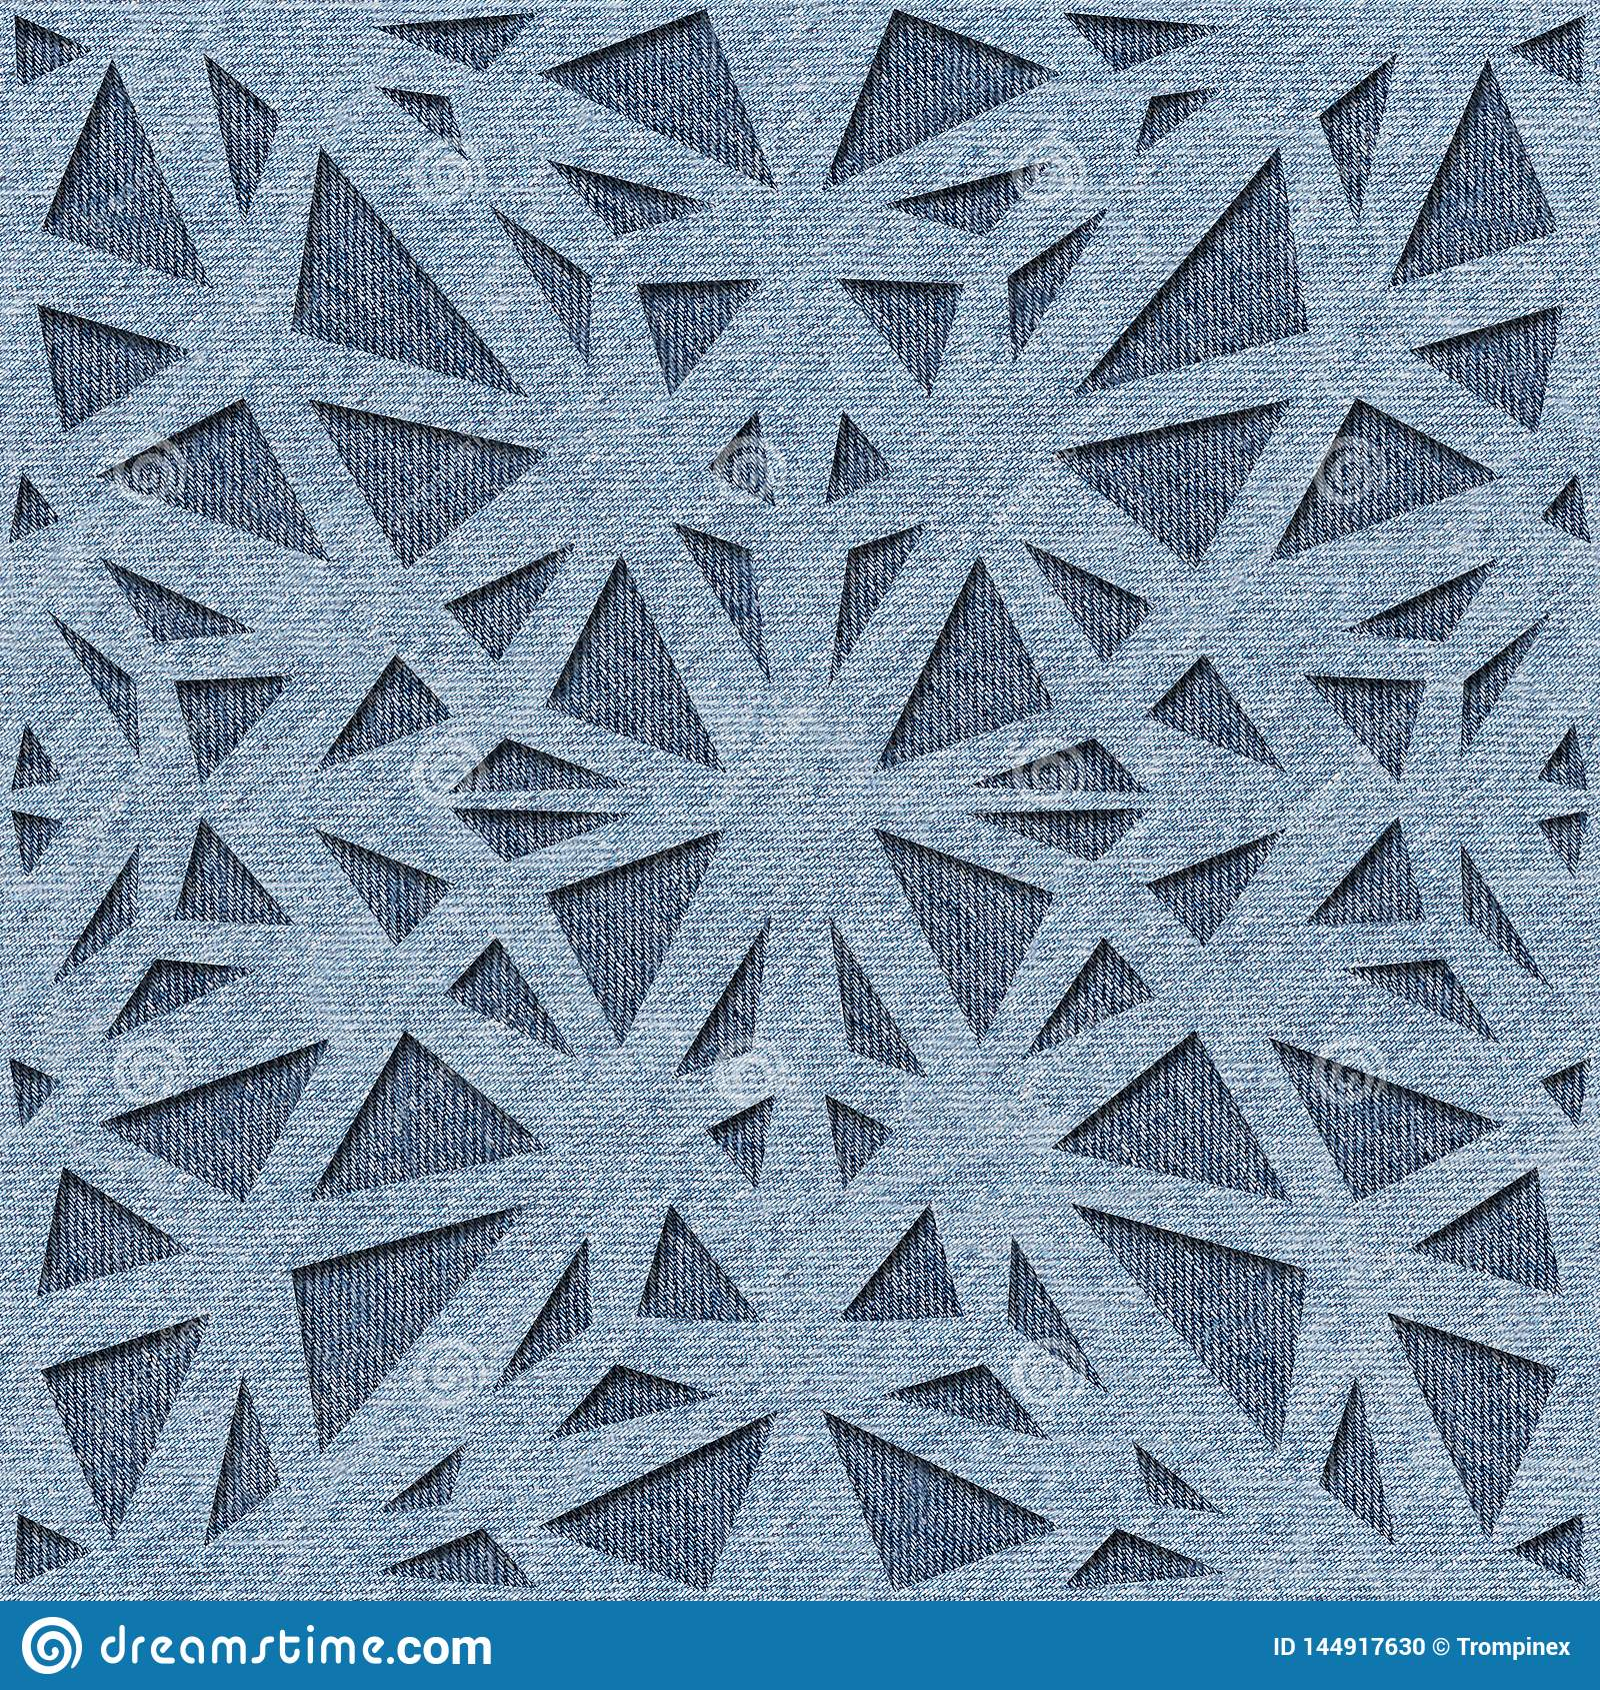 Abstract driehoekspatroon - Decoratieve opleverende stijl